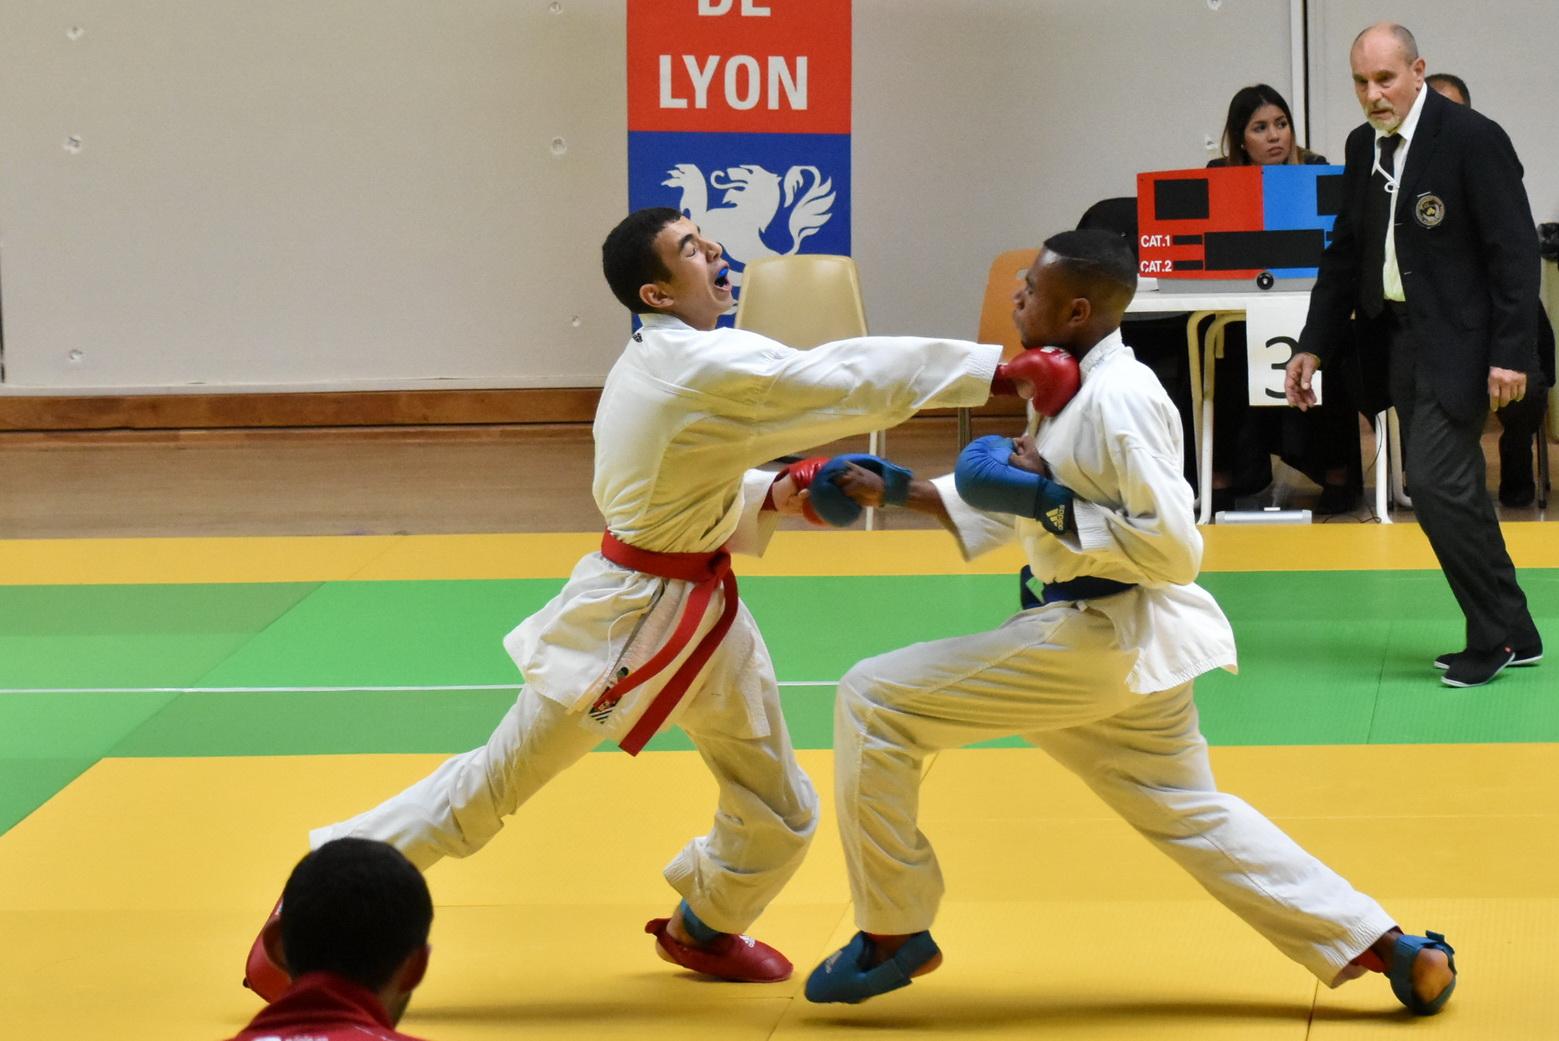 Coupe de la ZID du Lyonnais combats - novembre 2019